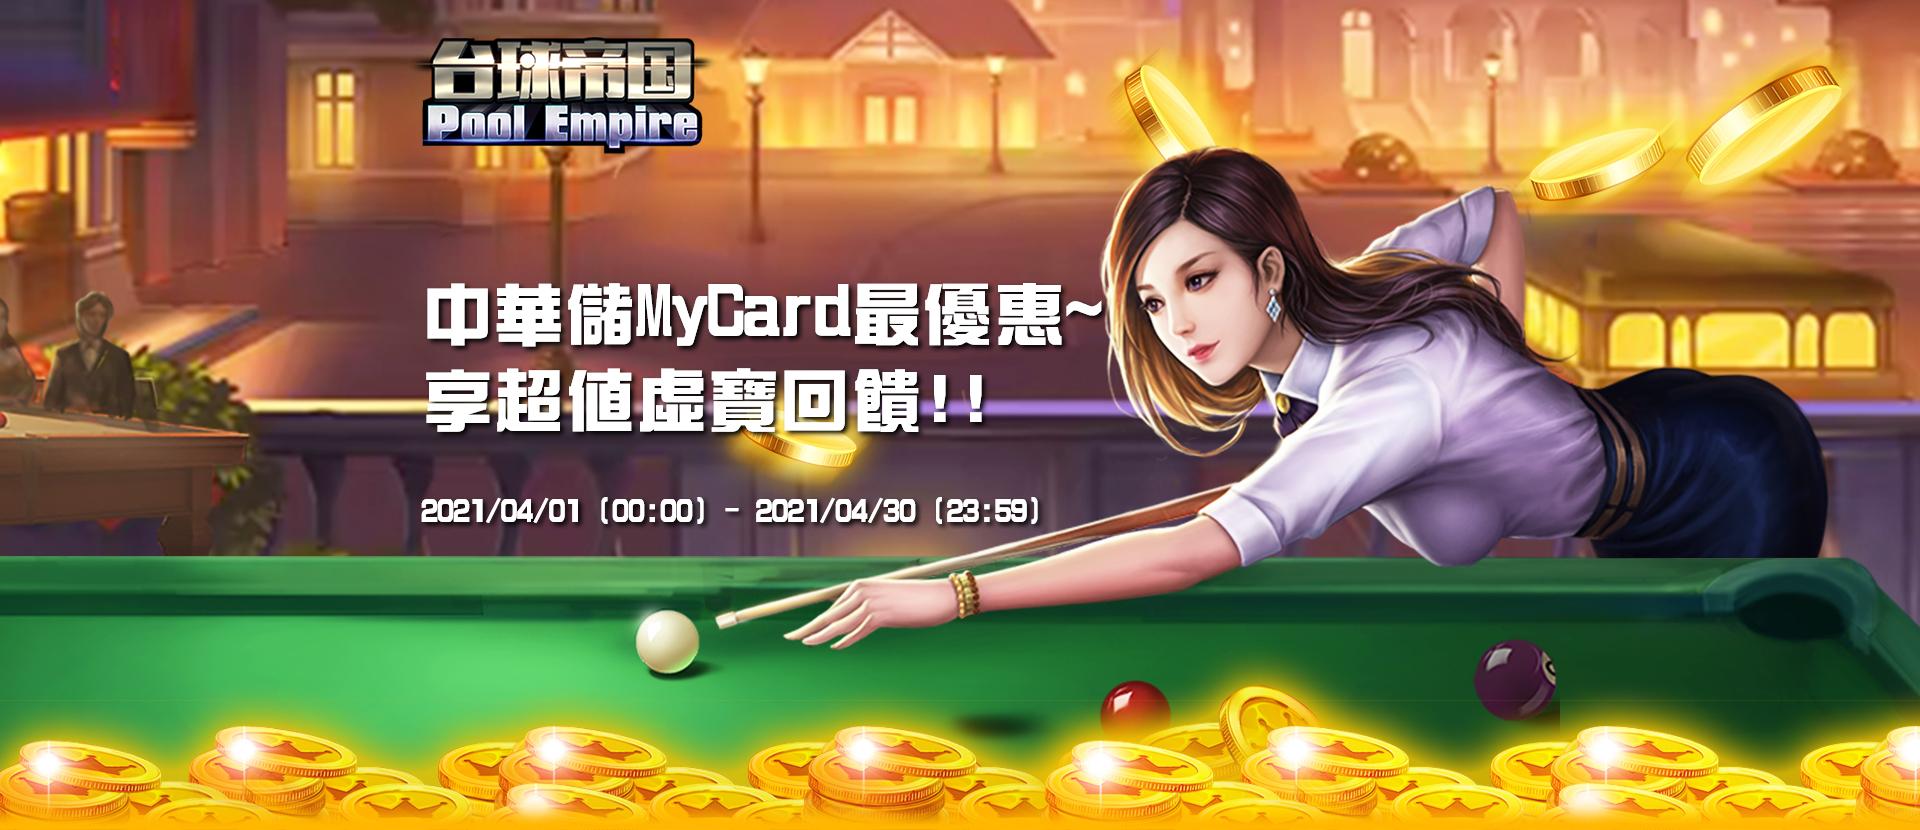 《台球帝國》MyCard儲值享超值好禮回饋 | 中華